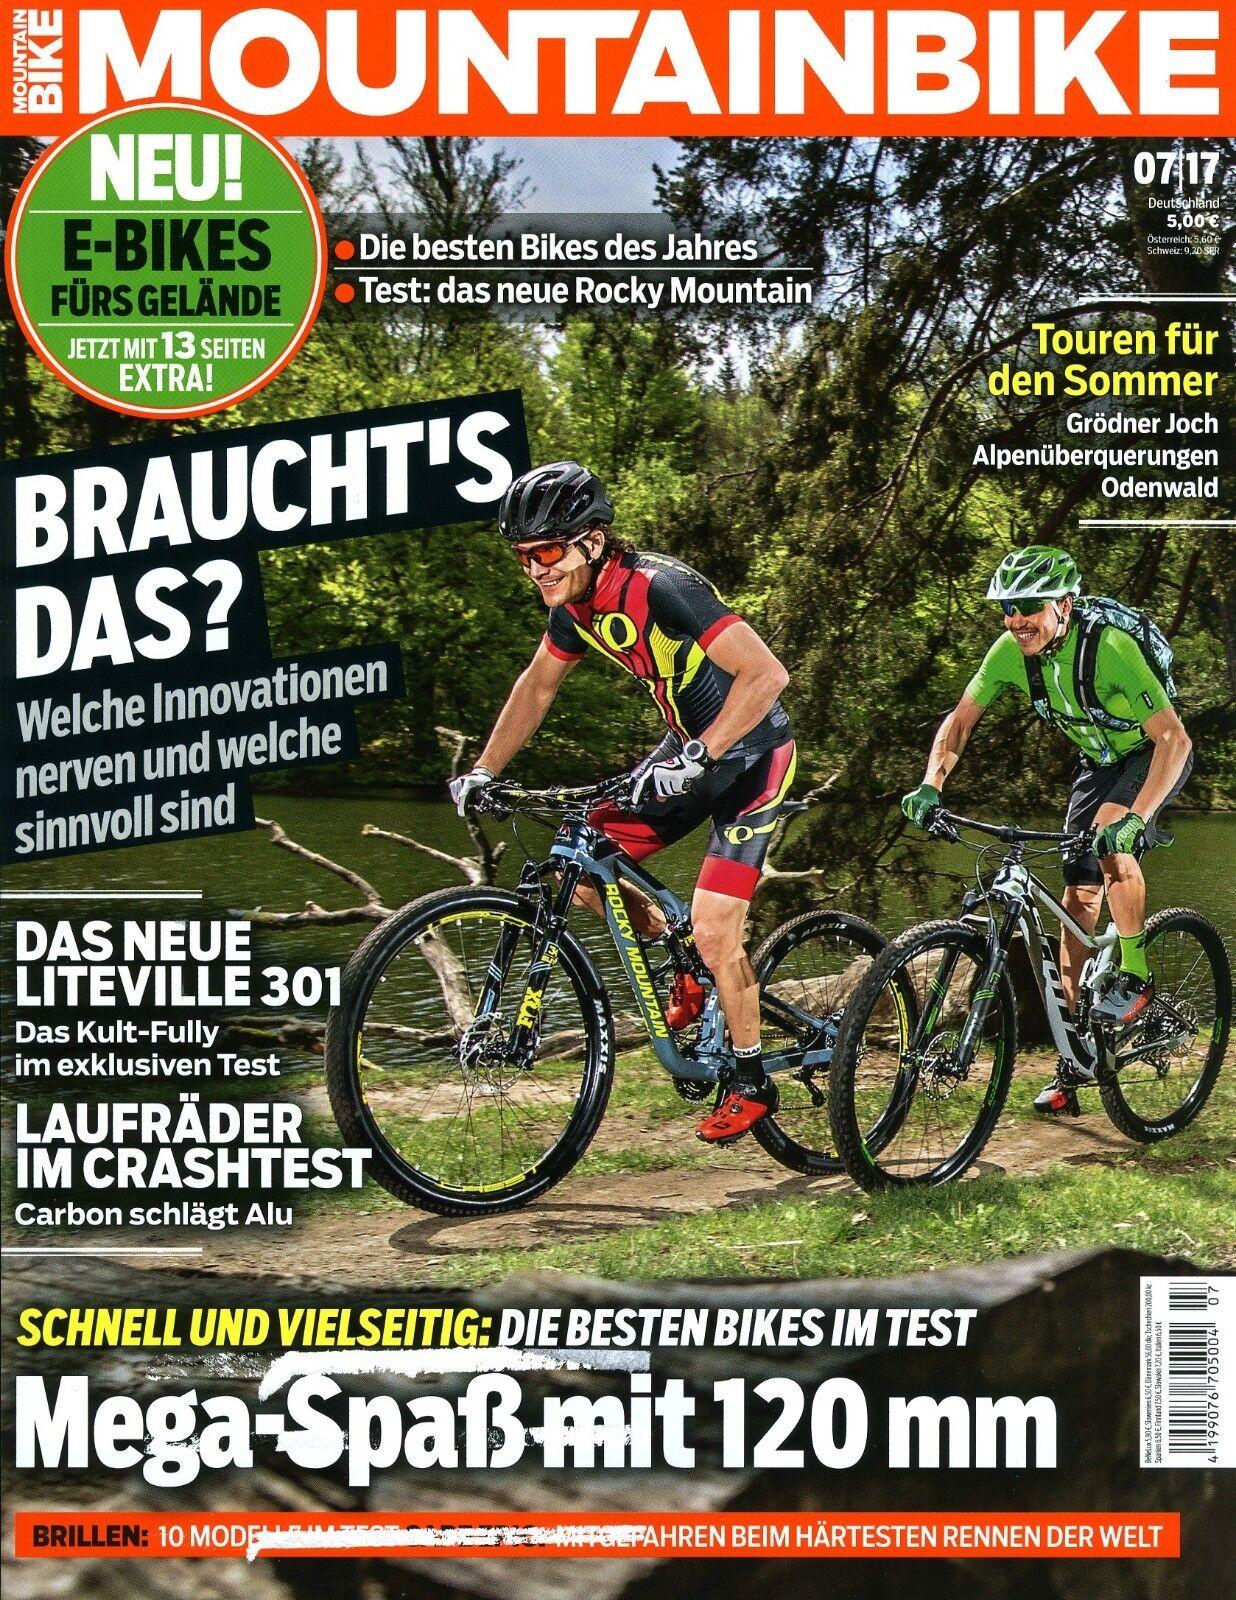 Mountainbike Heft 7/2017 (E-Bikes fürs Gelände, Laufräder im Crashtest)